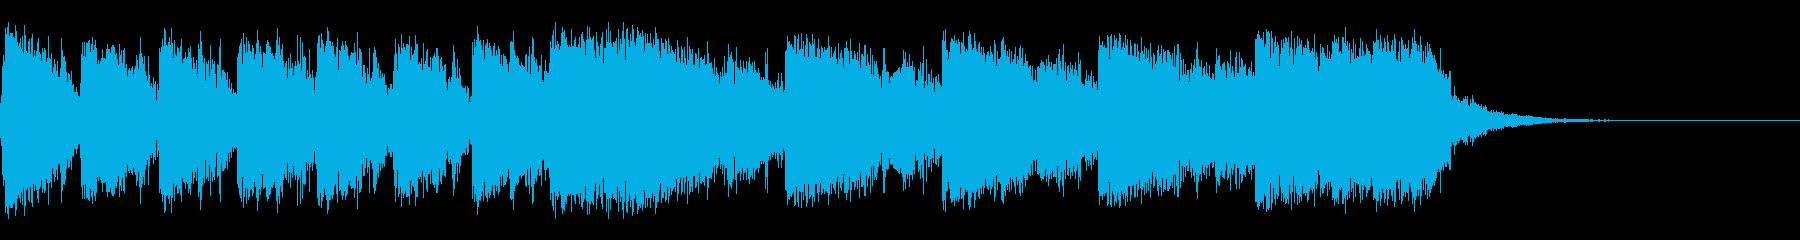 恐ろしい、パワフル、追跡の再生済みの波形